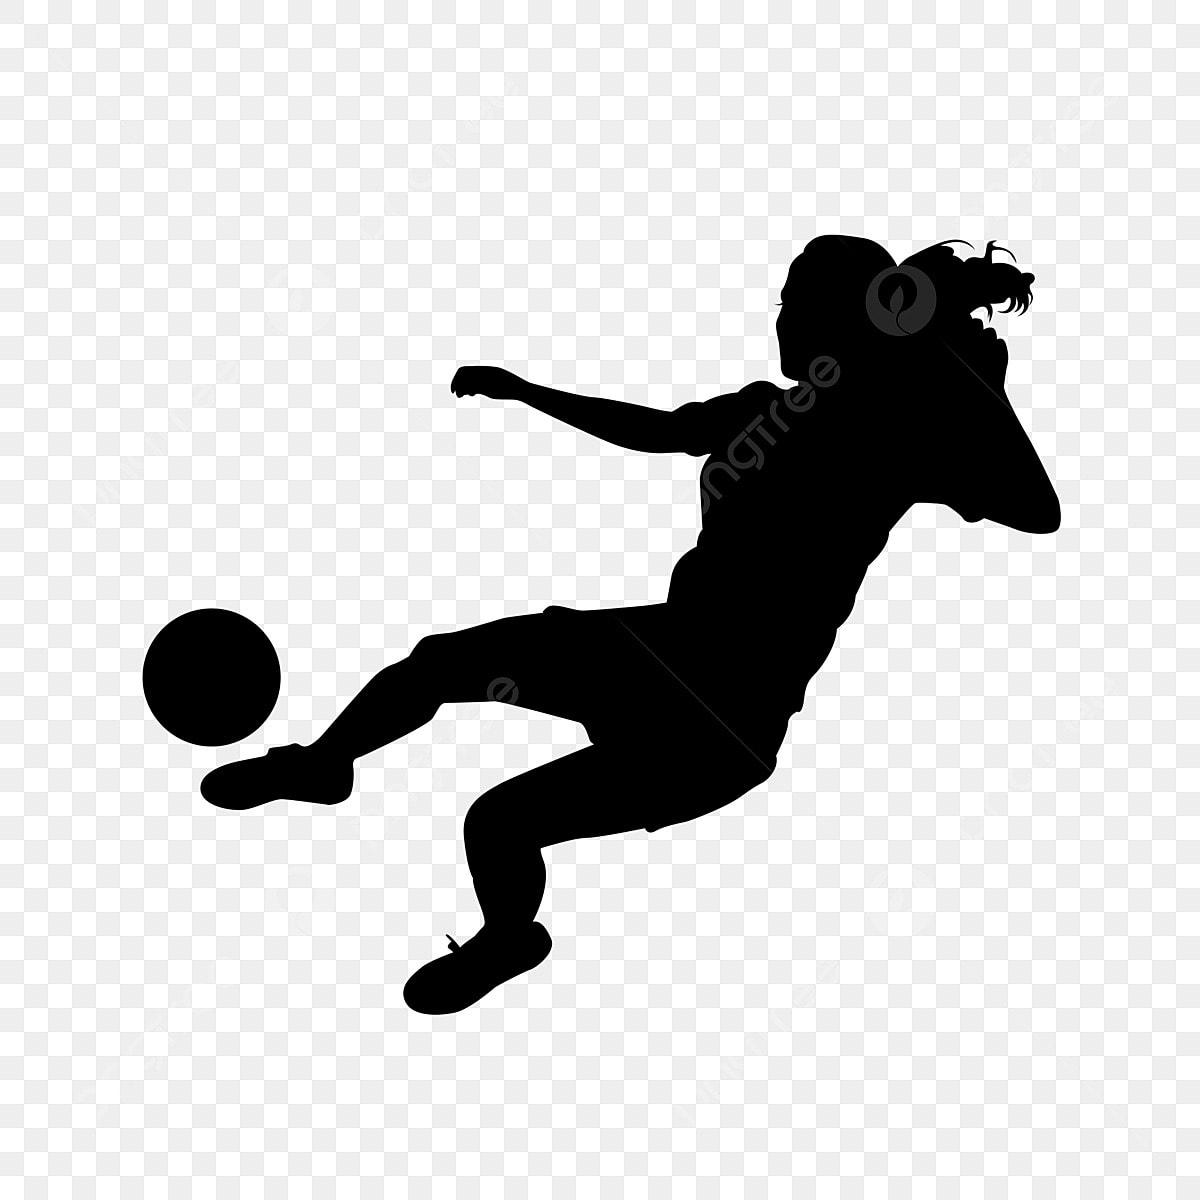 Gambar Menendang Bola Sepak Bola Wanita Kartun Bayang Sukan Bina Badan Siluet Png Dan Psd Untuk Muat Turun Percuma